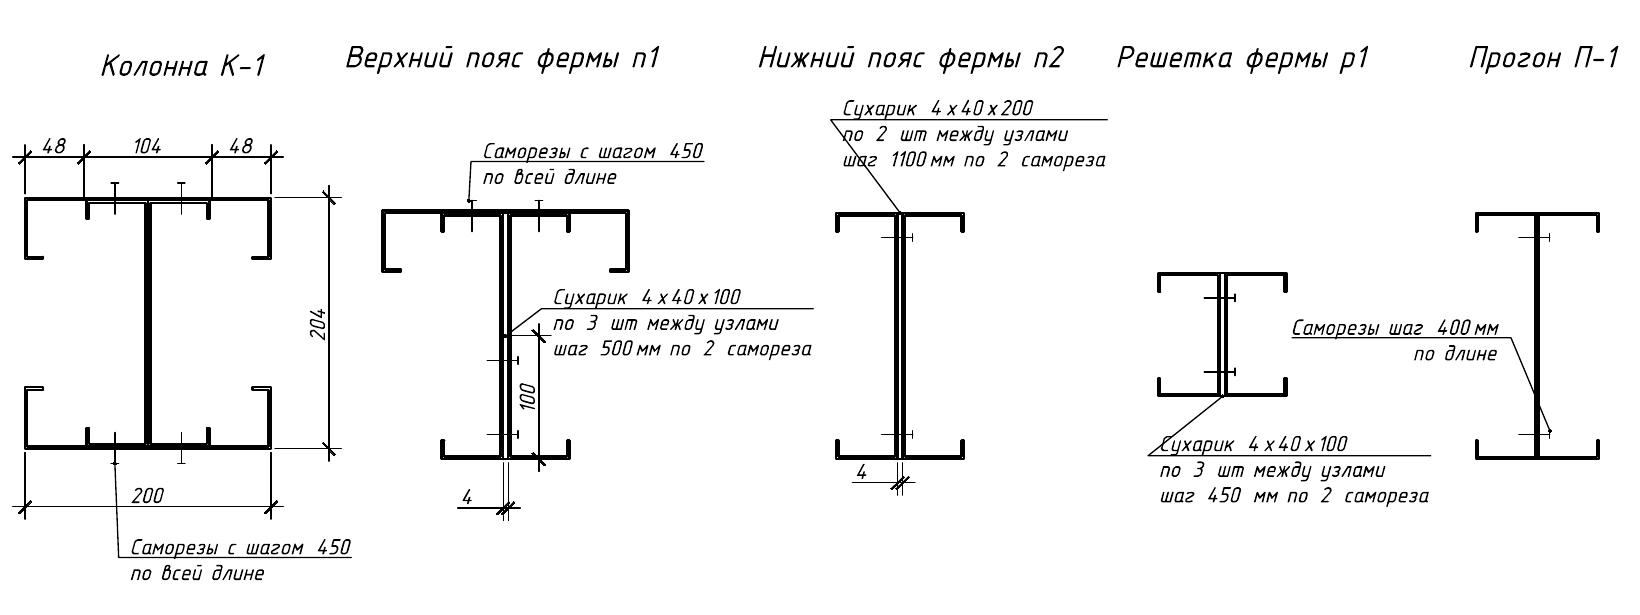 Проектирование ЛСТК каркасов